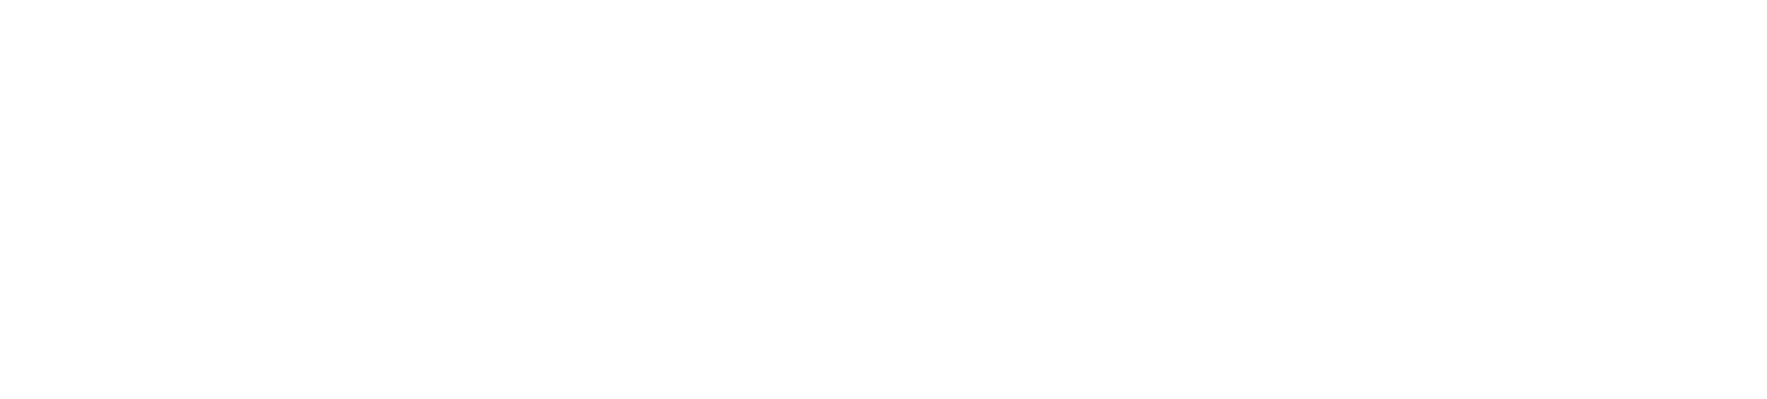 Cardpayz